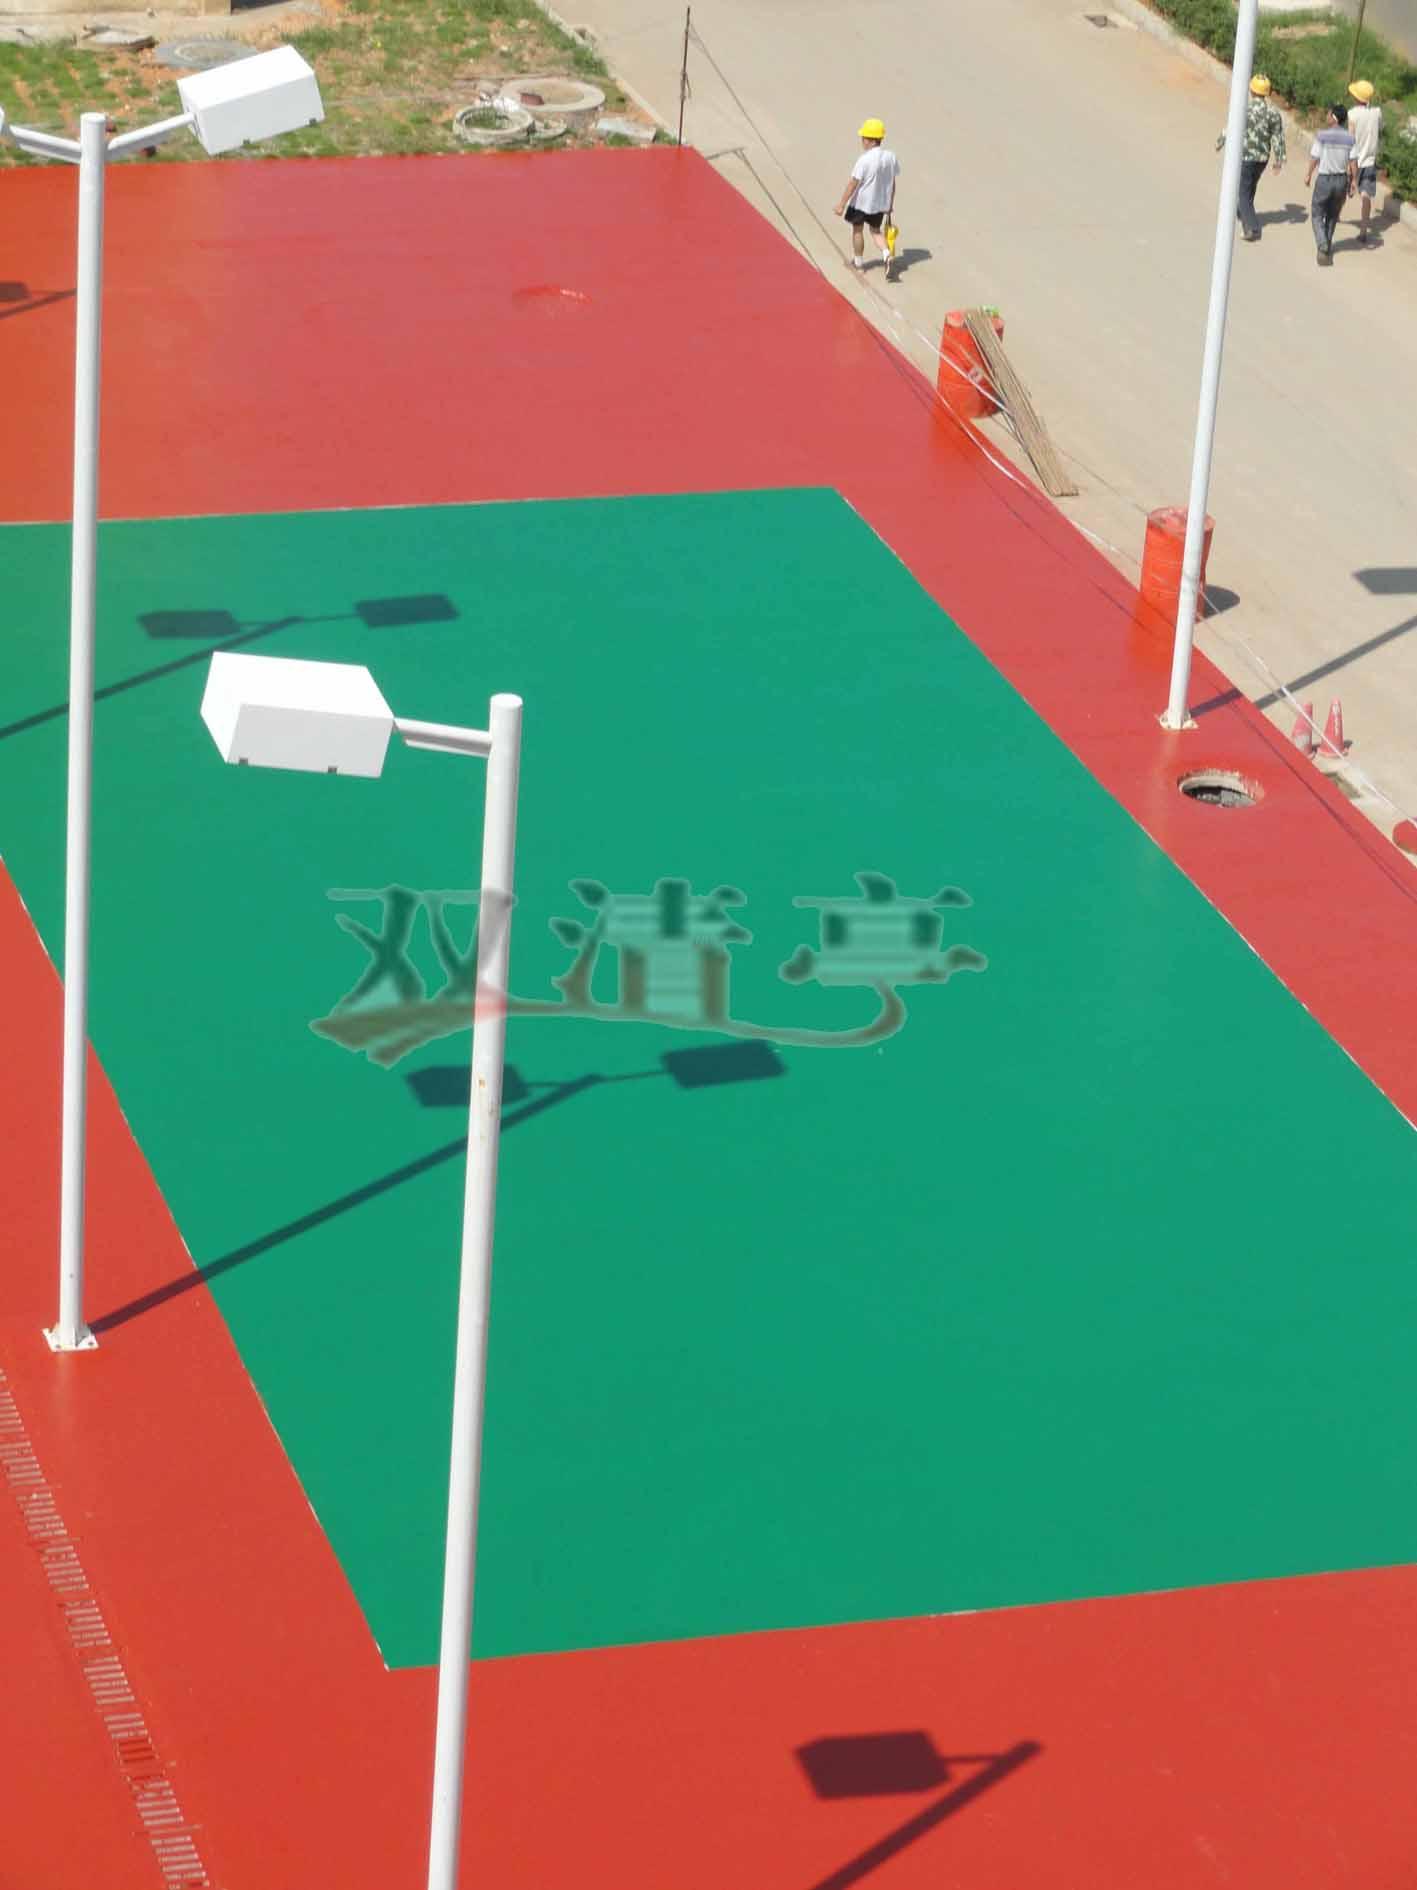 邵阳市宝庆电厂硅pu球场塑胶排球场球场面漆辊完后效果